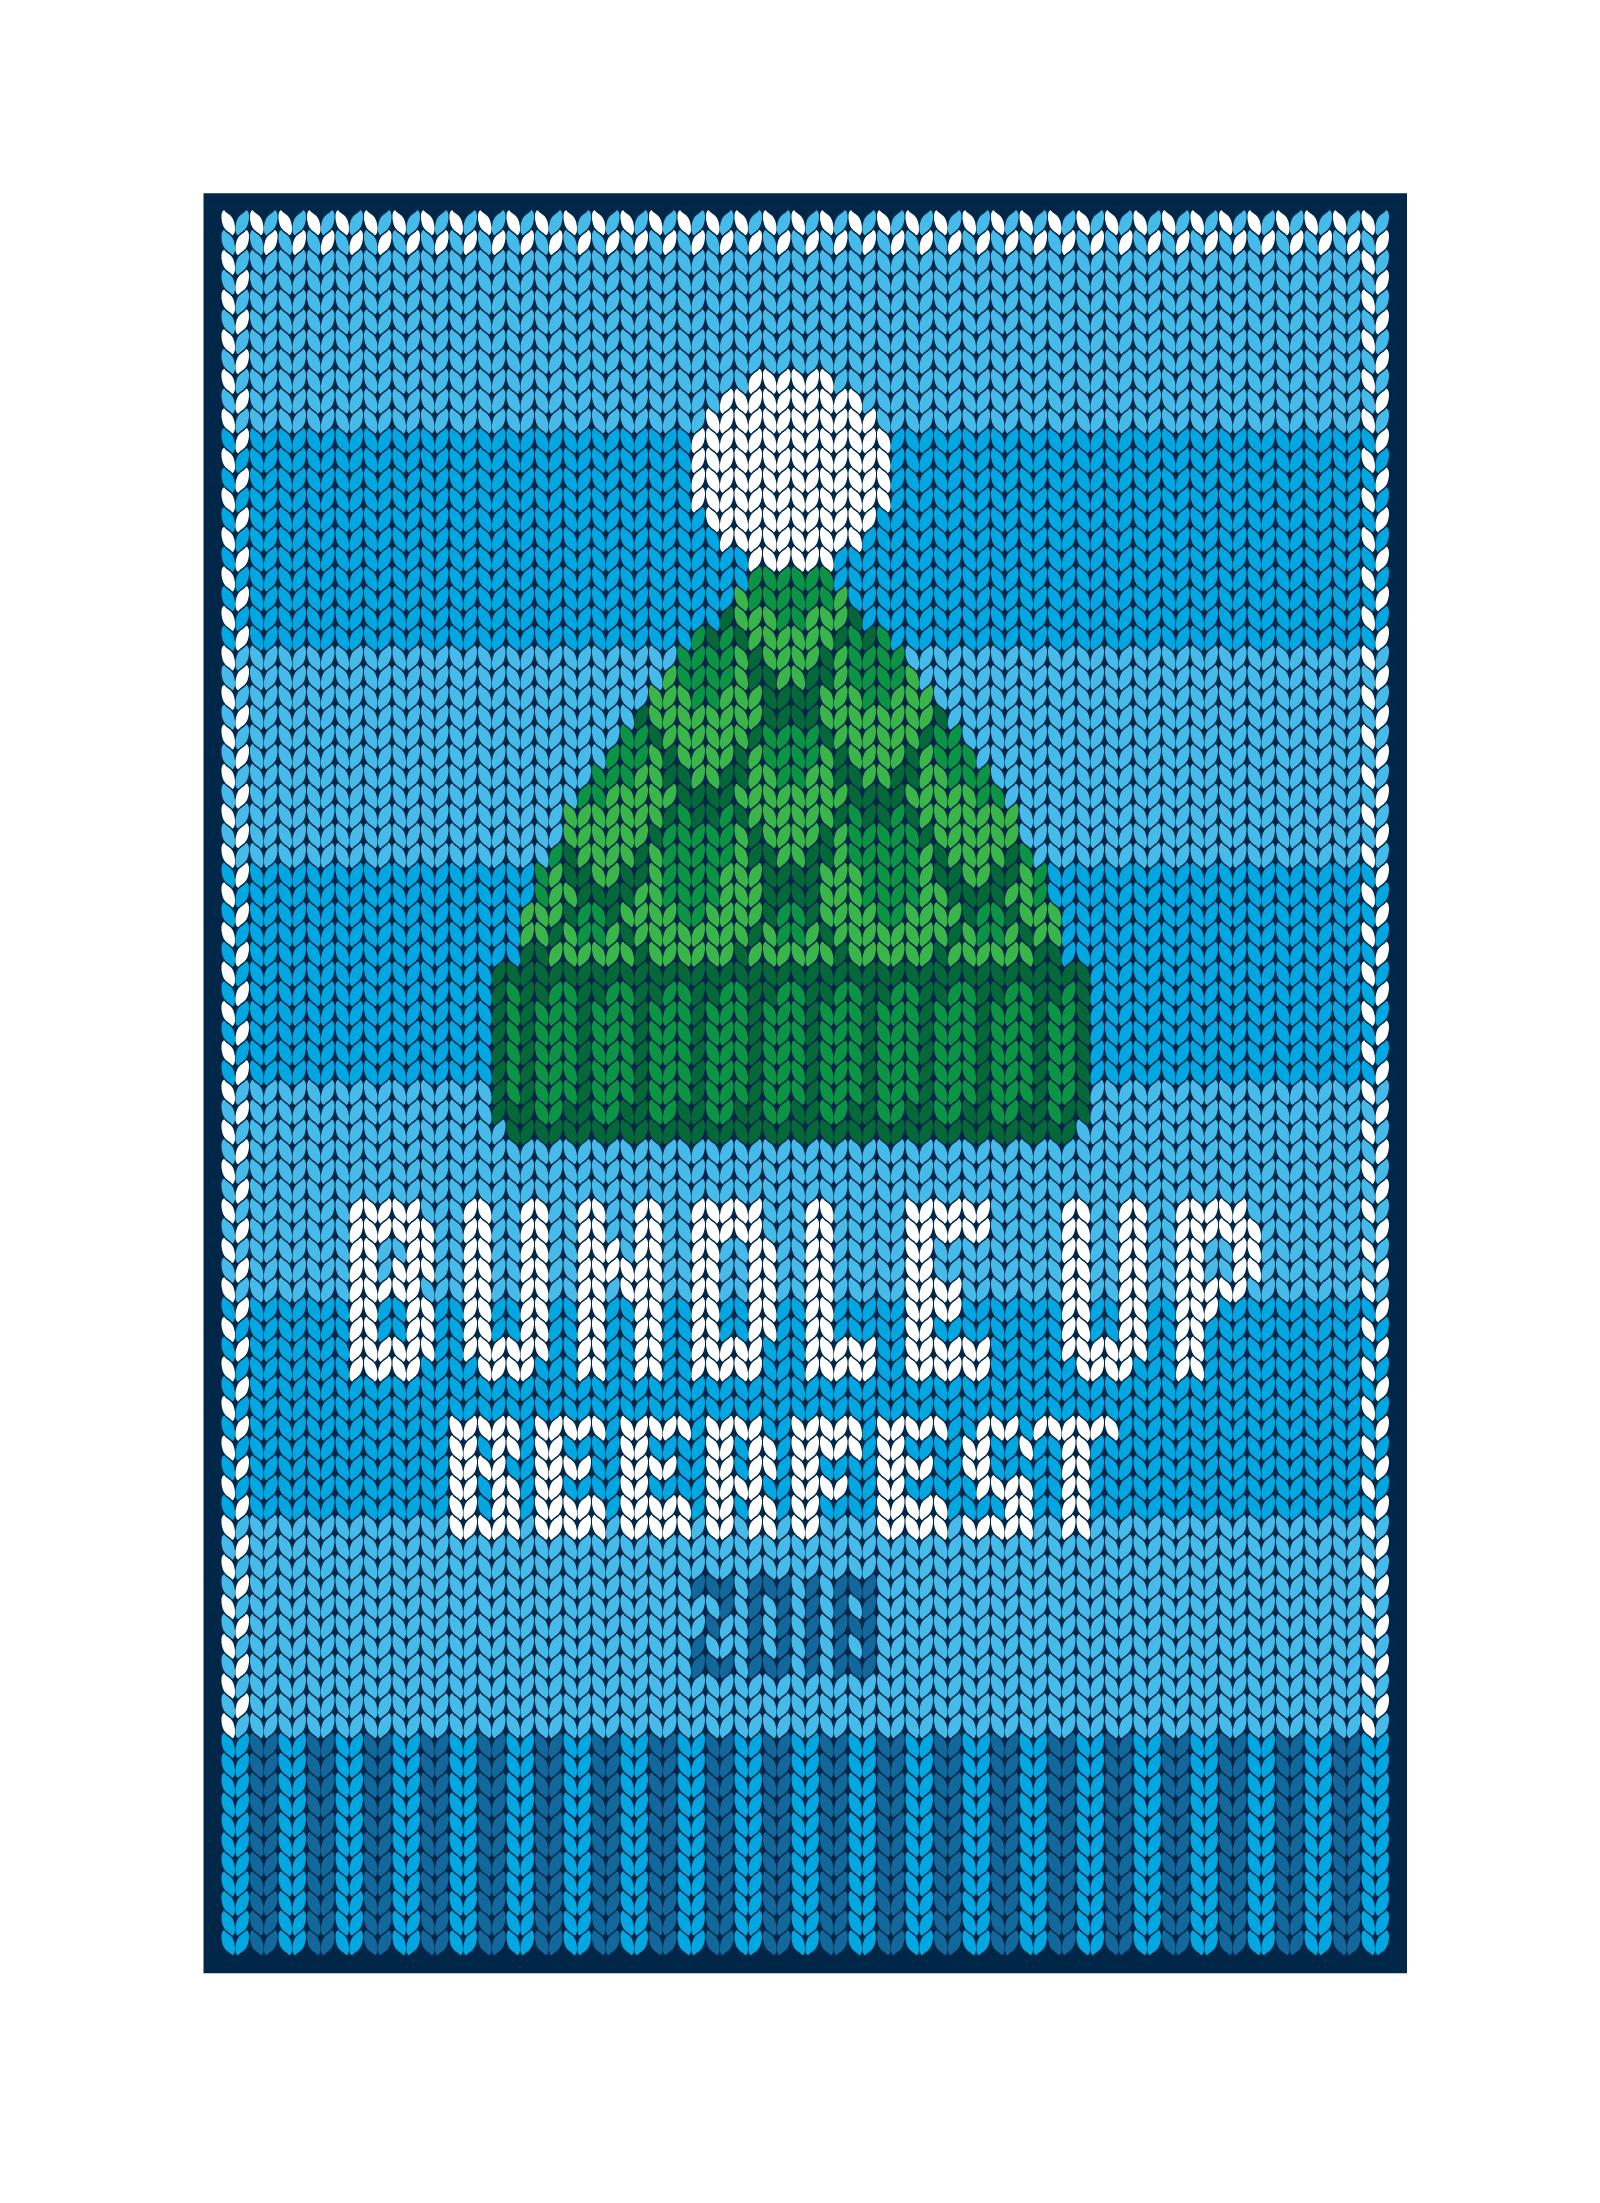 2017-BundleUp.png